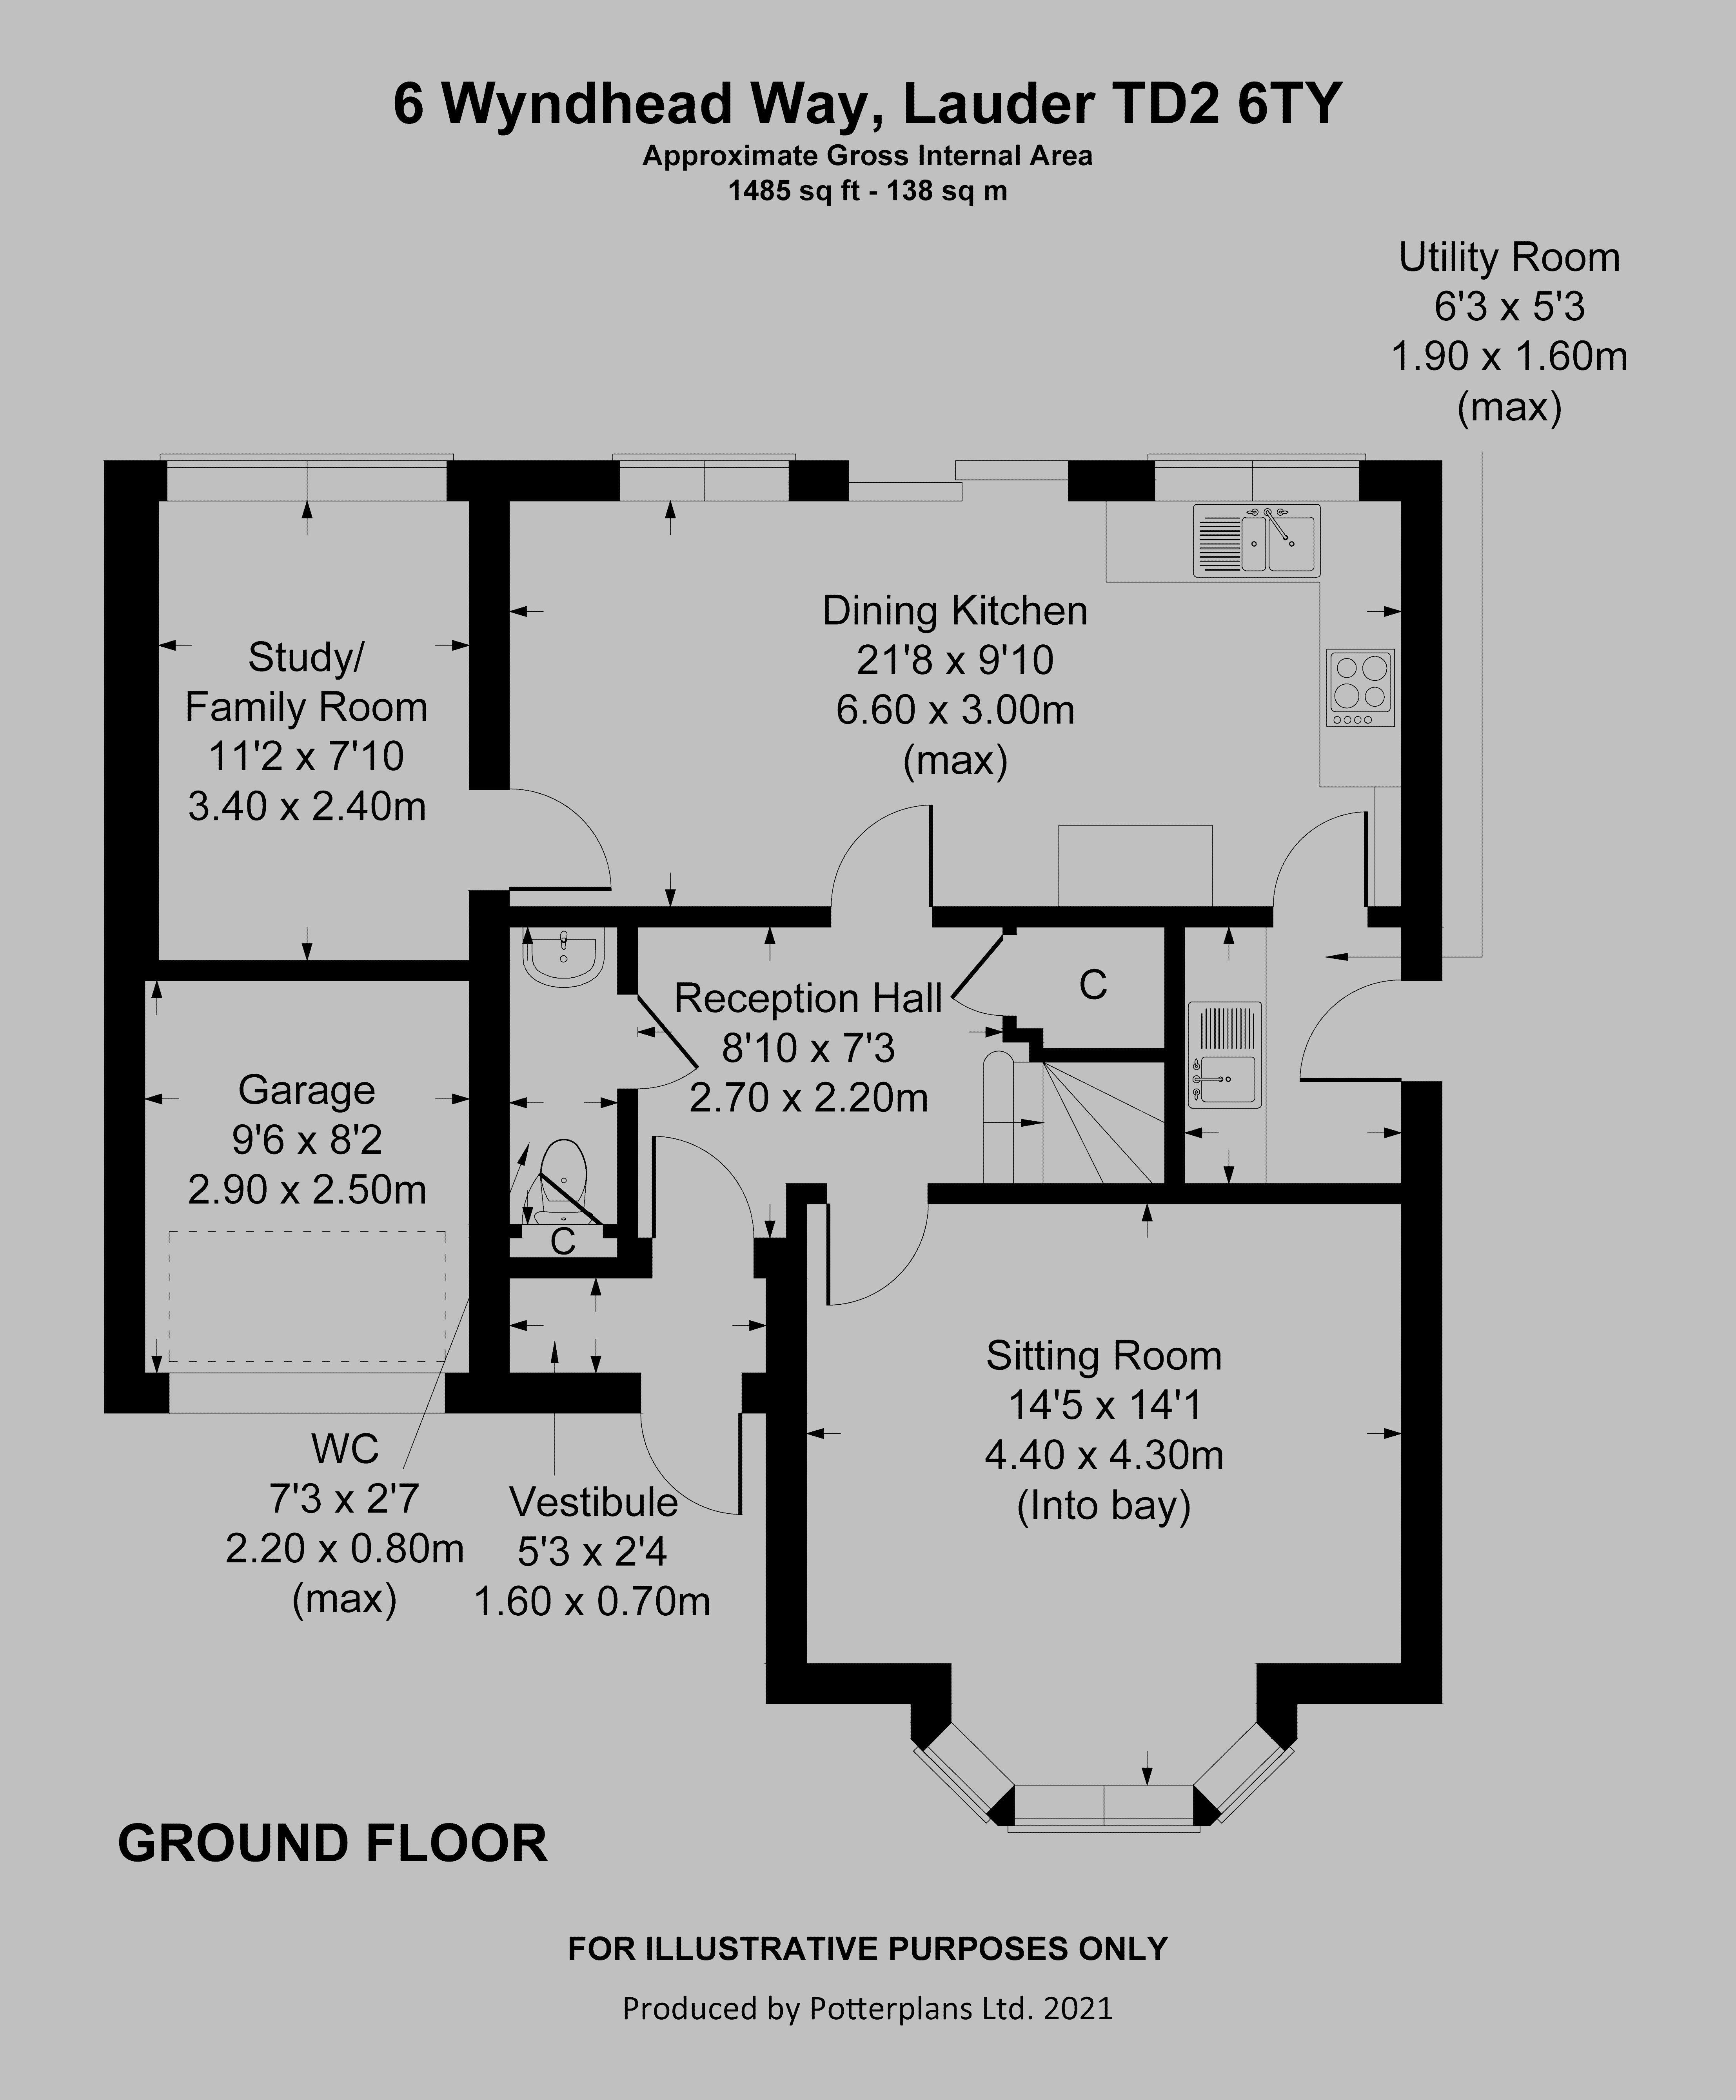 6 Wyndhead Way Ground Floor